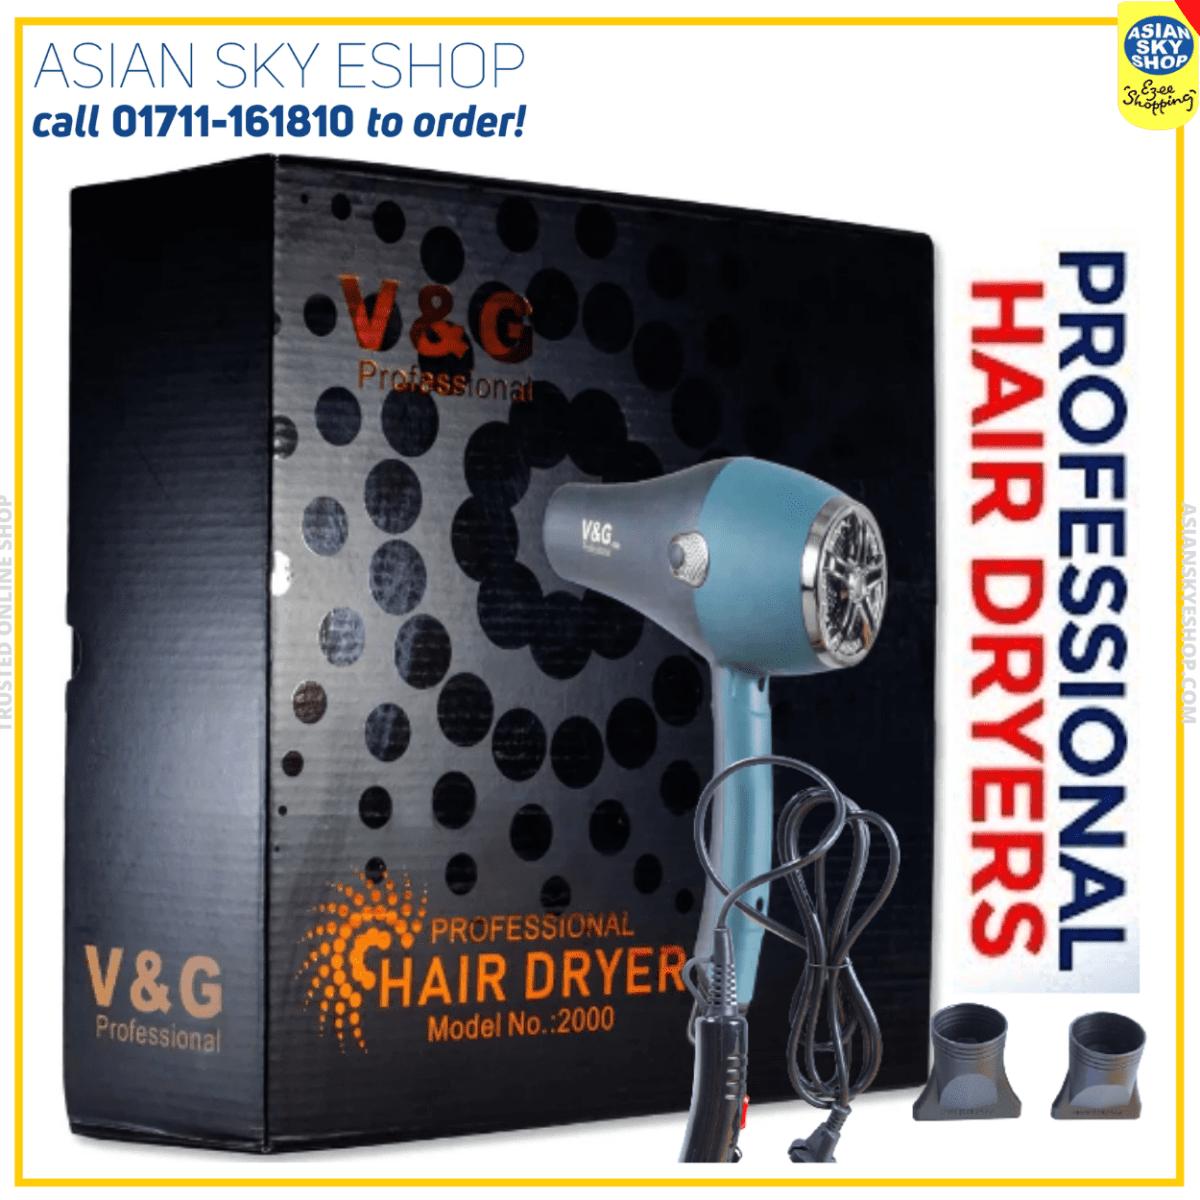 V&G Professional Hair Dryer Model 2000